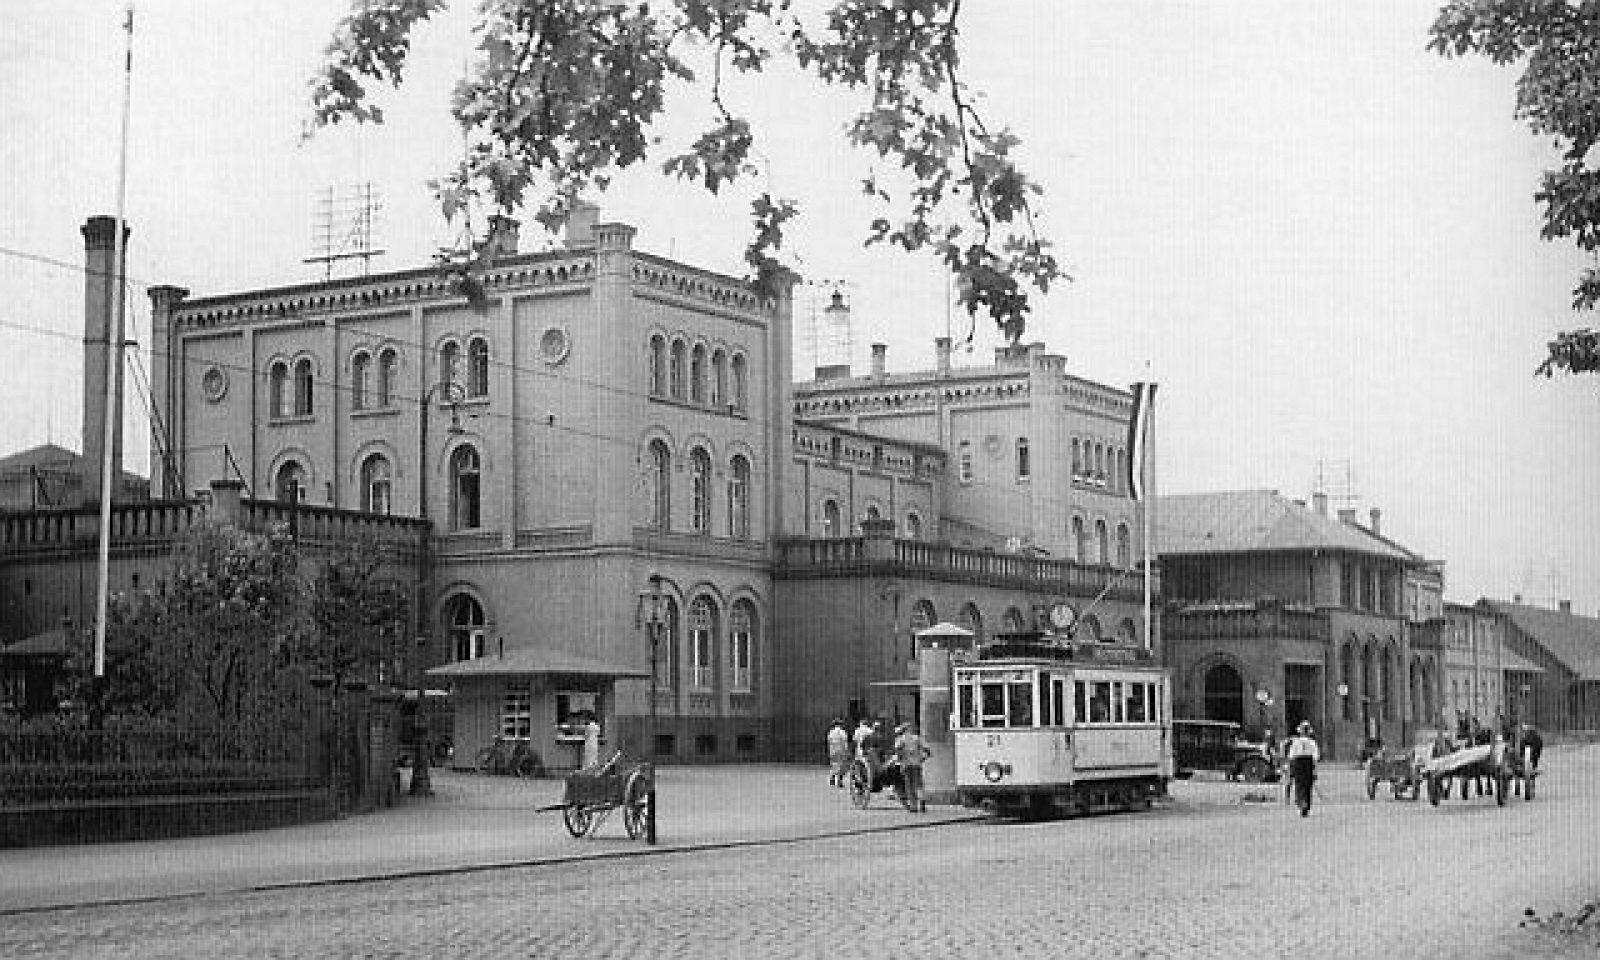 08 Paderborn Hbf 1925